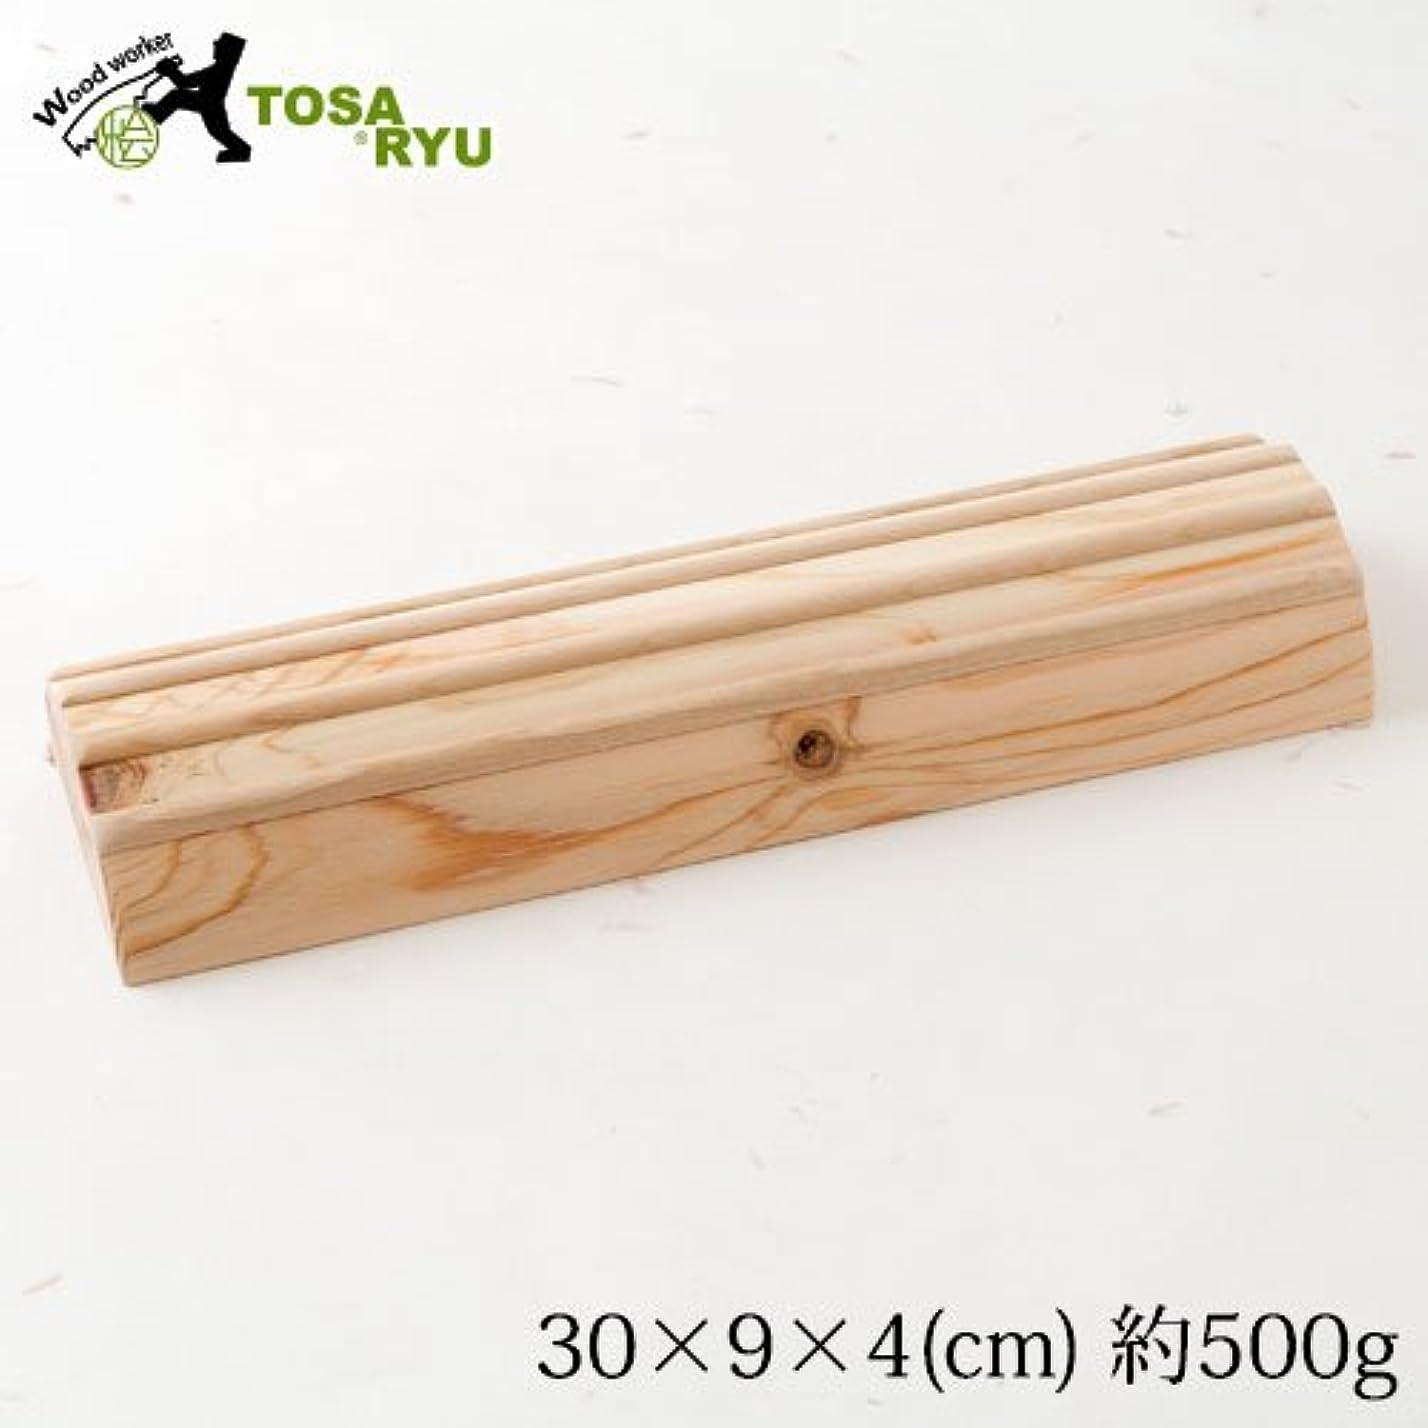 信じられない資格情報ソブリケット土佐龍四万十ひのき足踏み高知県の工芸品Cypress Foot Massager, Kochi craft